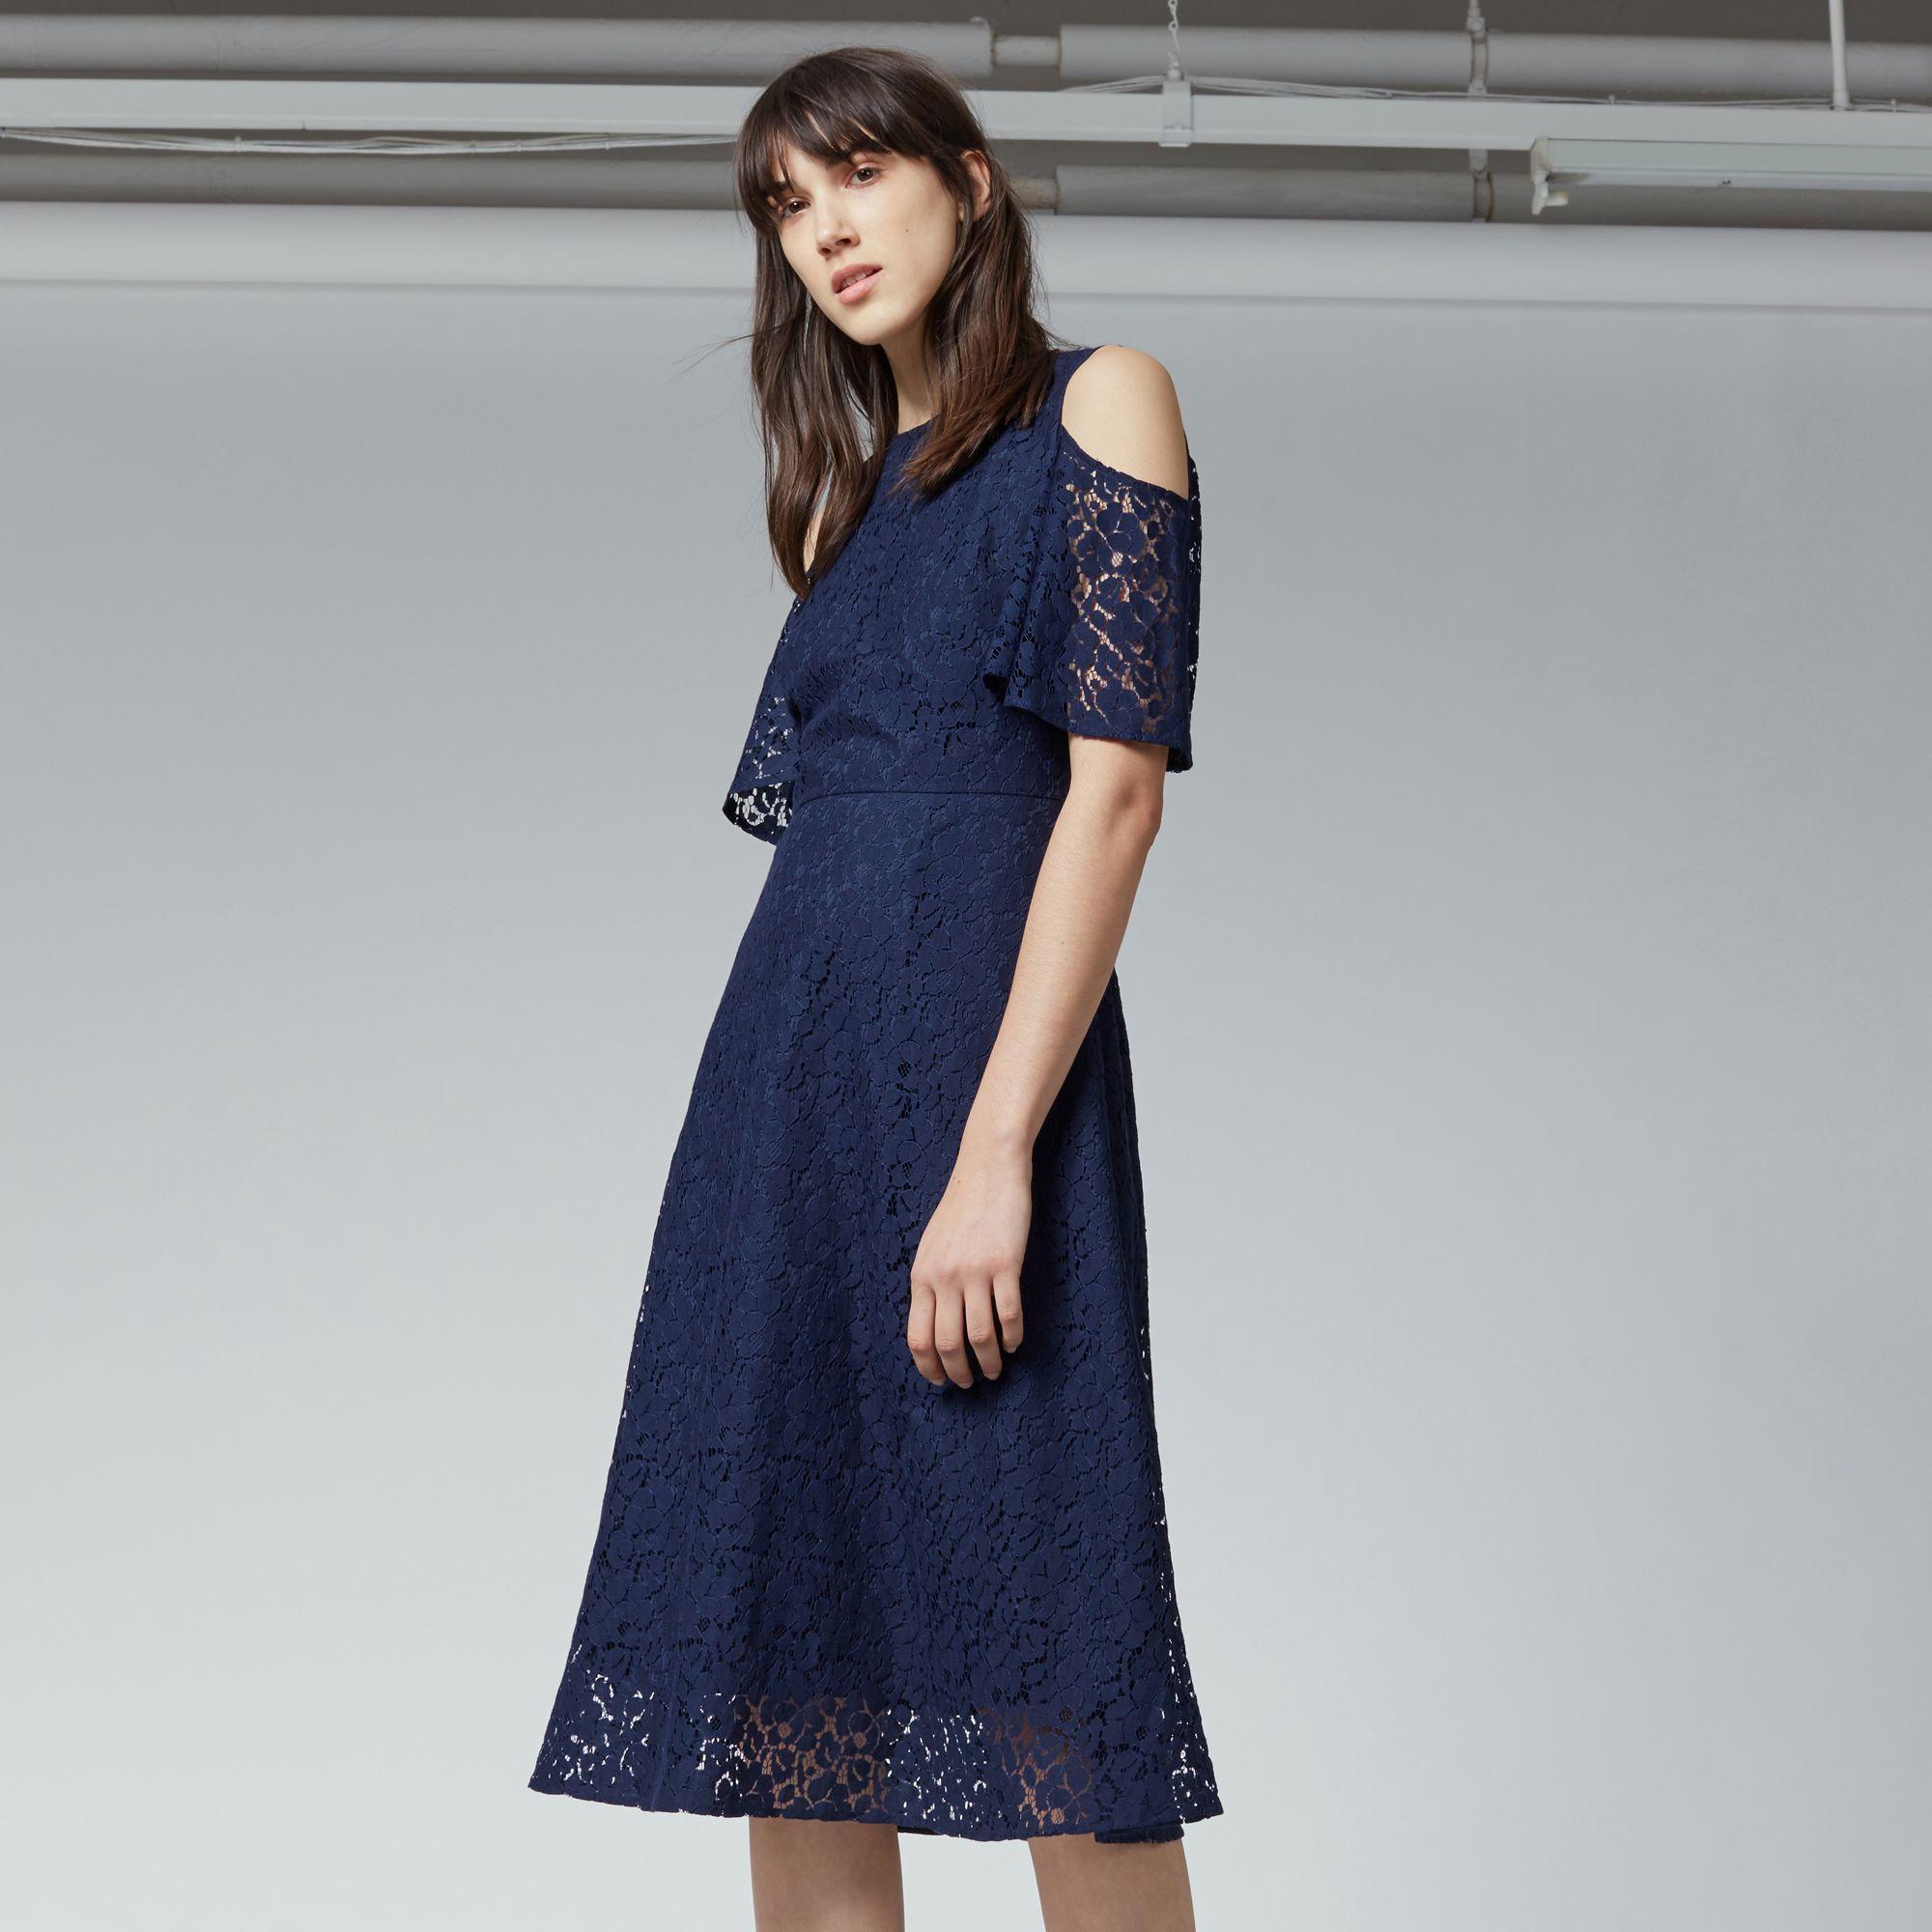 30+ Navy cold shoulder dress ideas